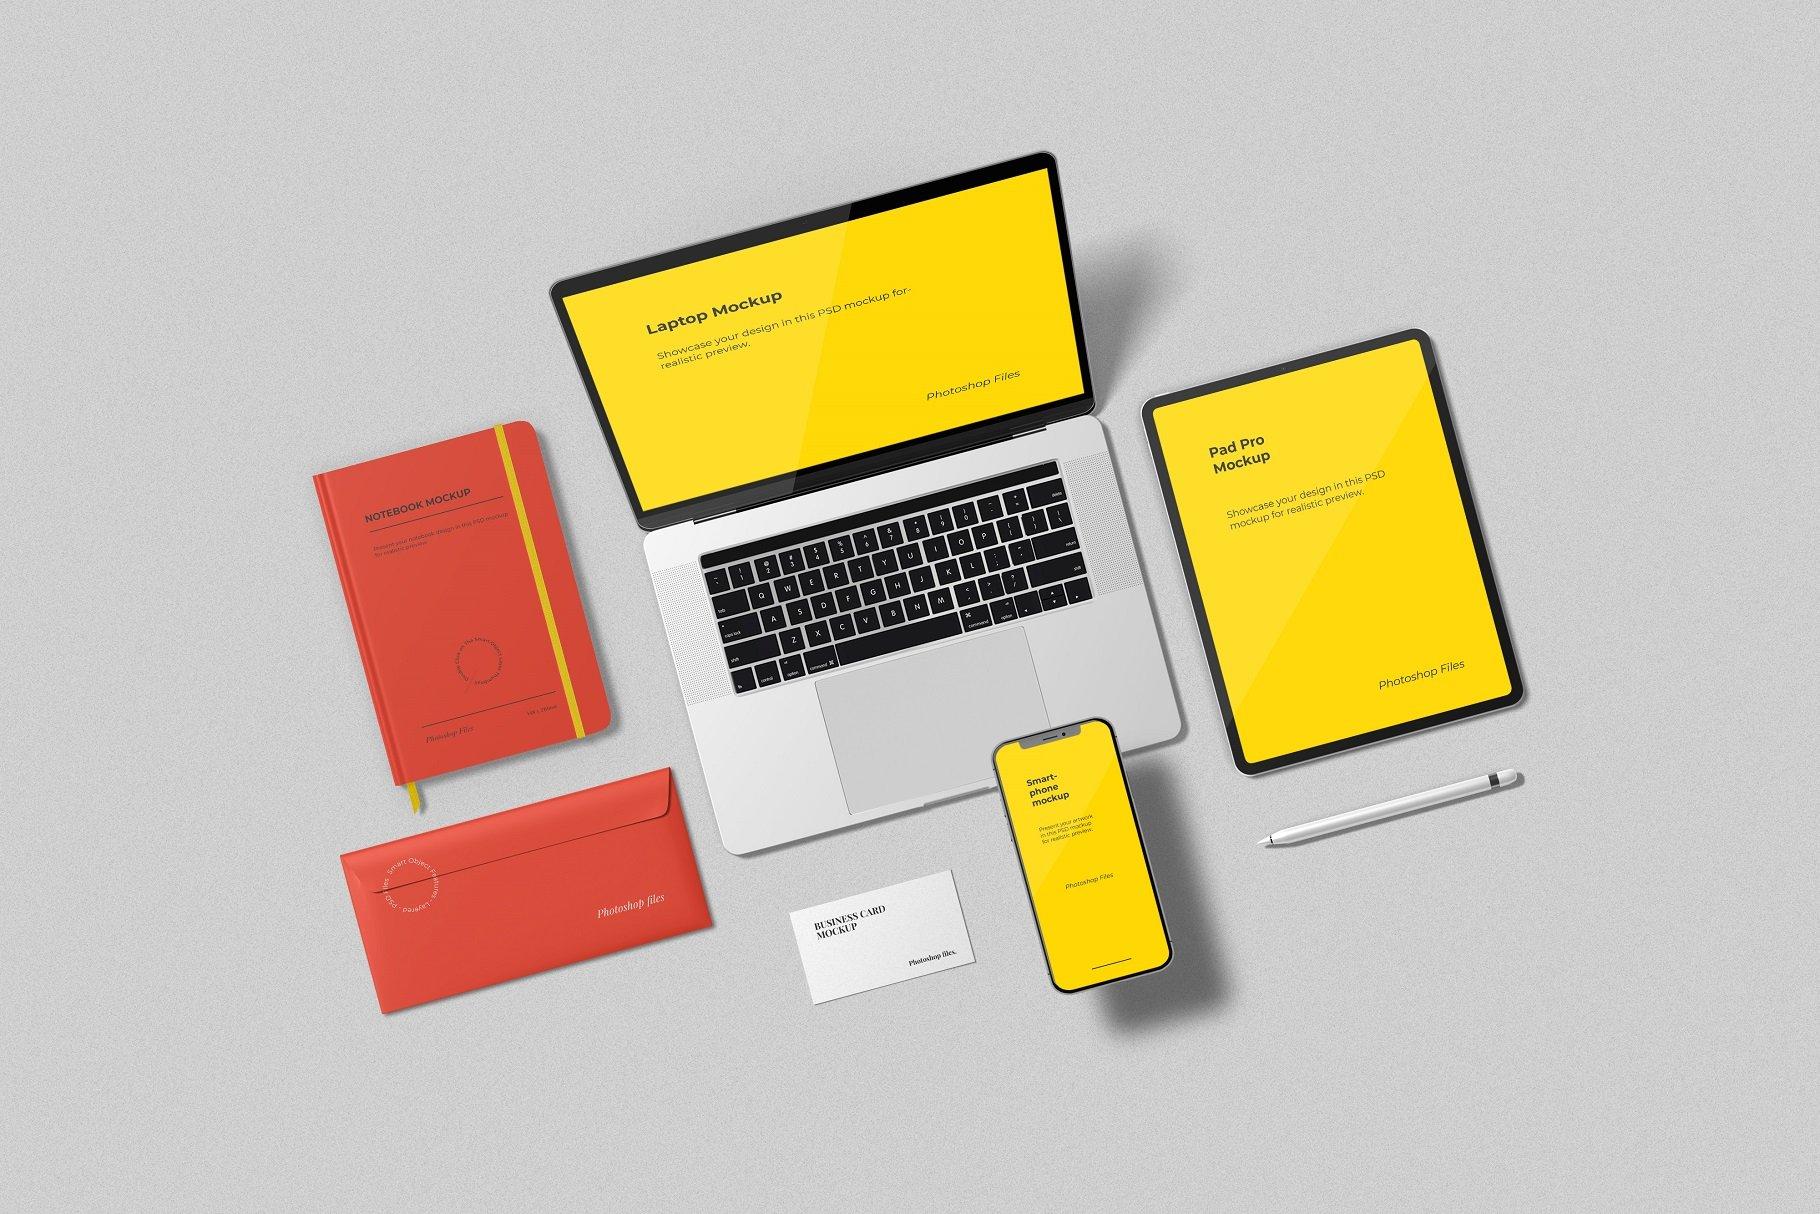 12个时尚简约品牌Logo设计办公用品展示贴图样机模板套装 Branding Mockup Scene Creator插图11